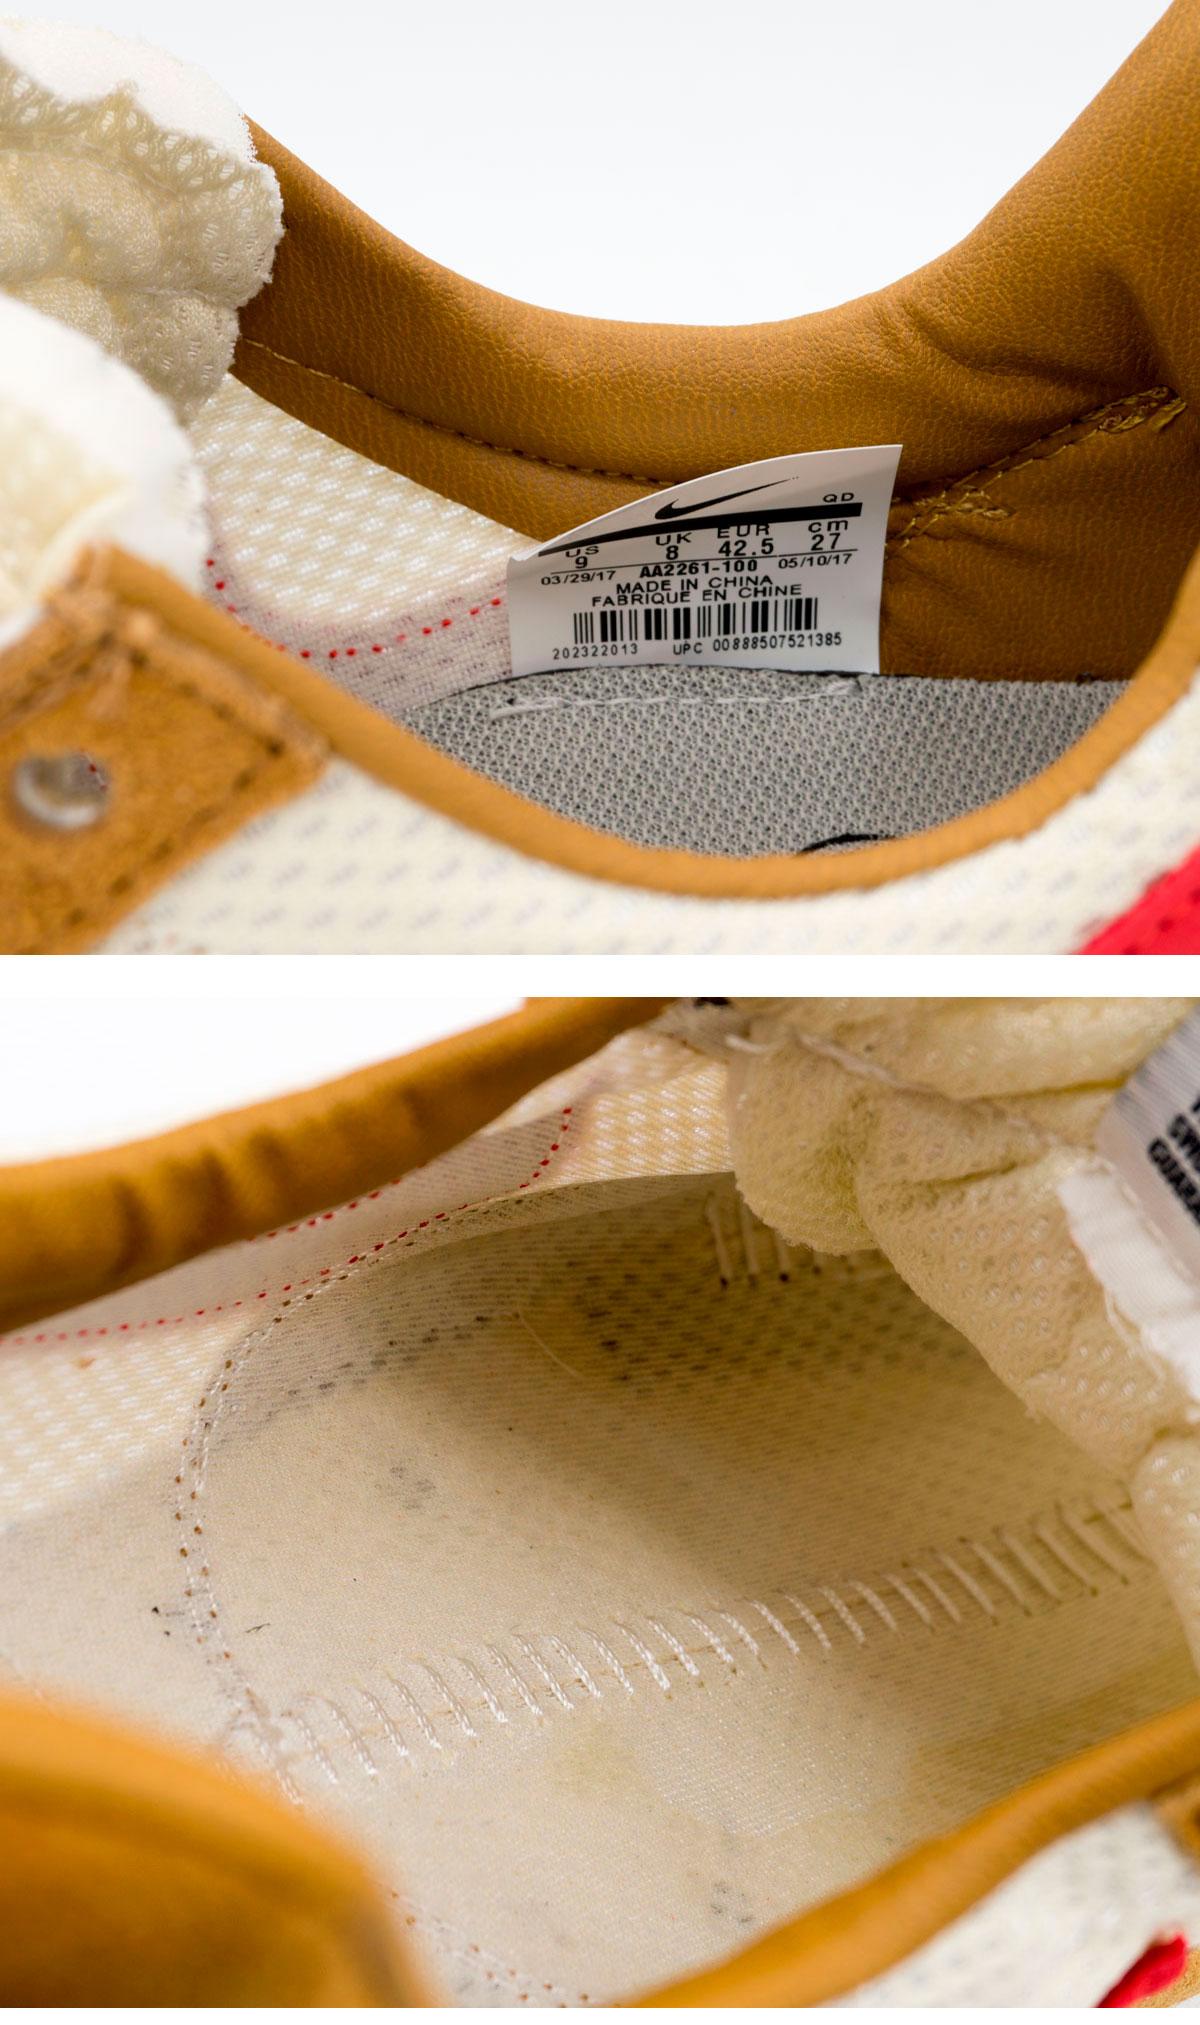 большое фото №6 Мужские кроссовки Nike Mars Yard 2.0 желтые. Топ качество!